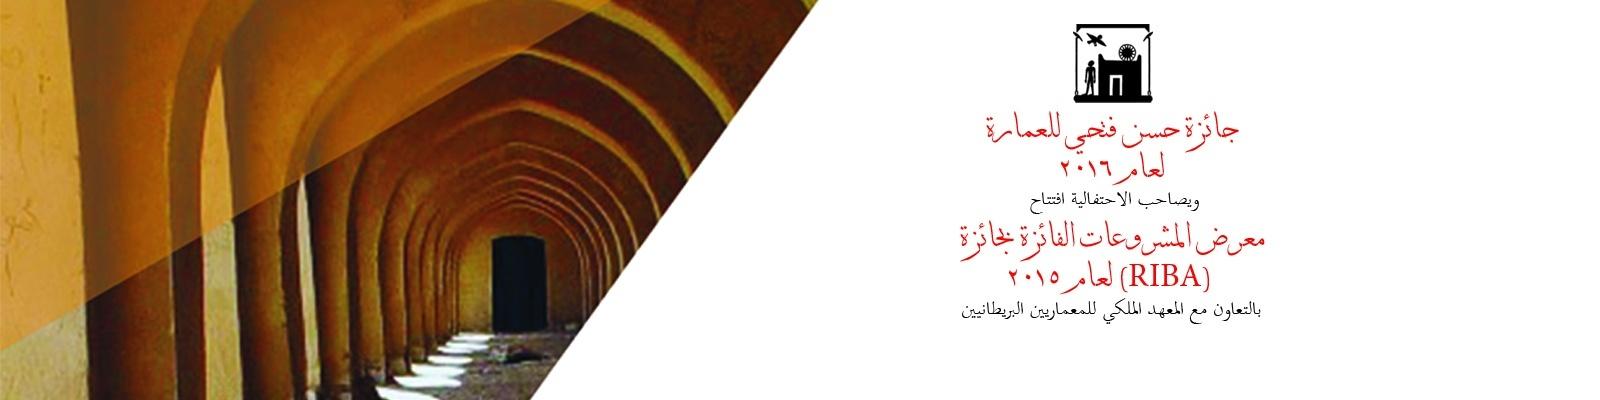 حفل توزيع جوائز حسن فتحي للعمارة 2016 ومعرض جوائز المعهد الملكي للمعماريين البريطانيين 2015